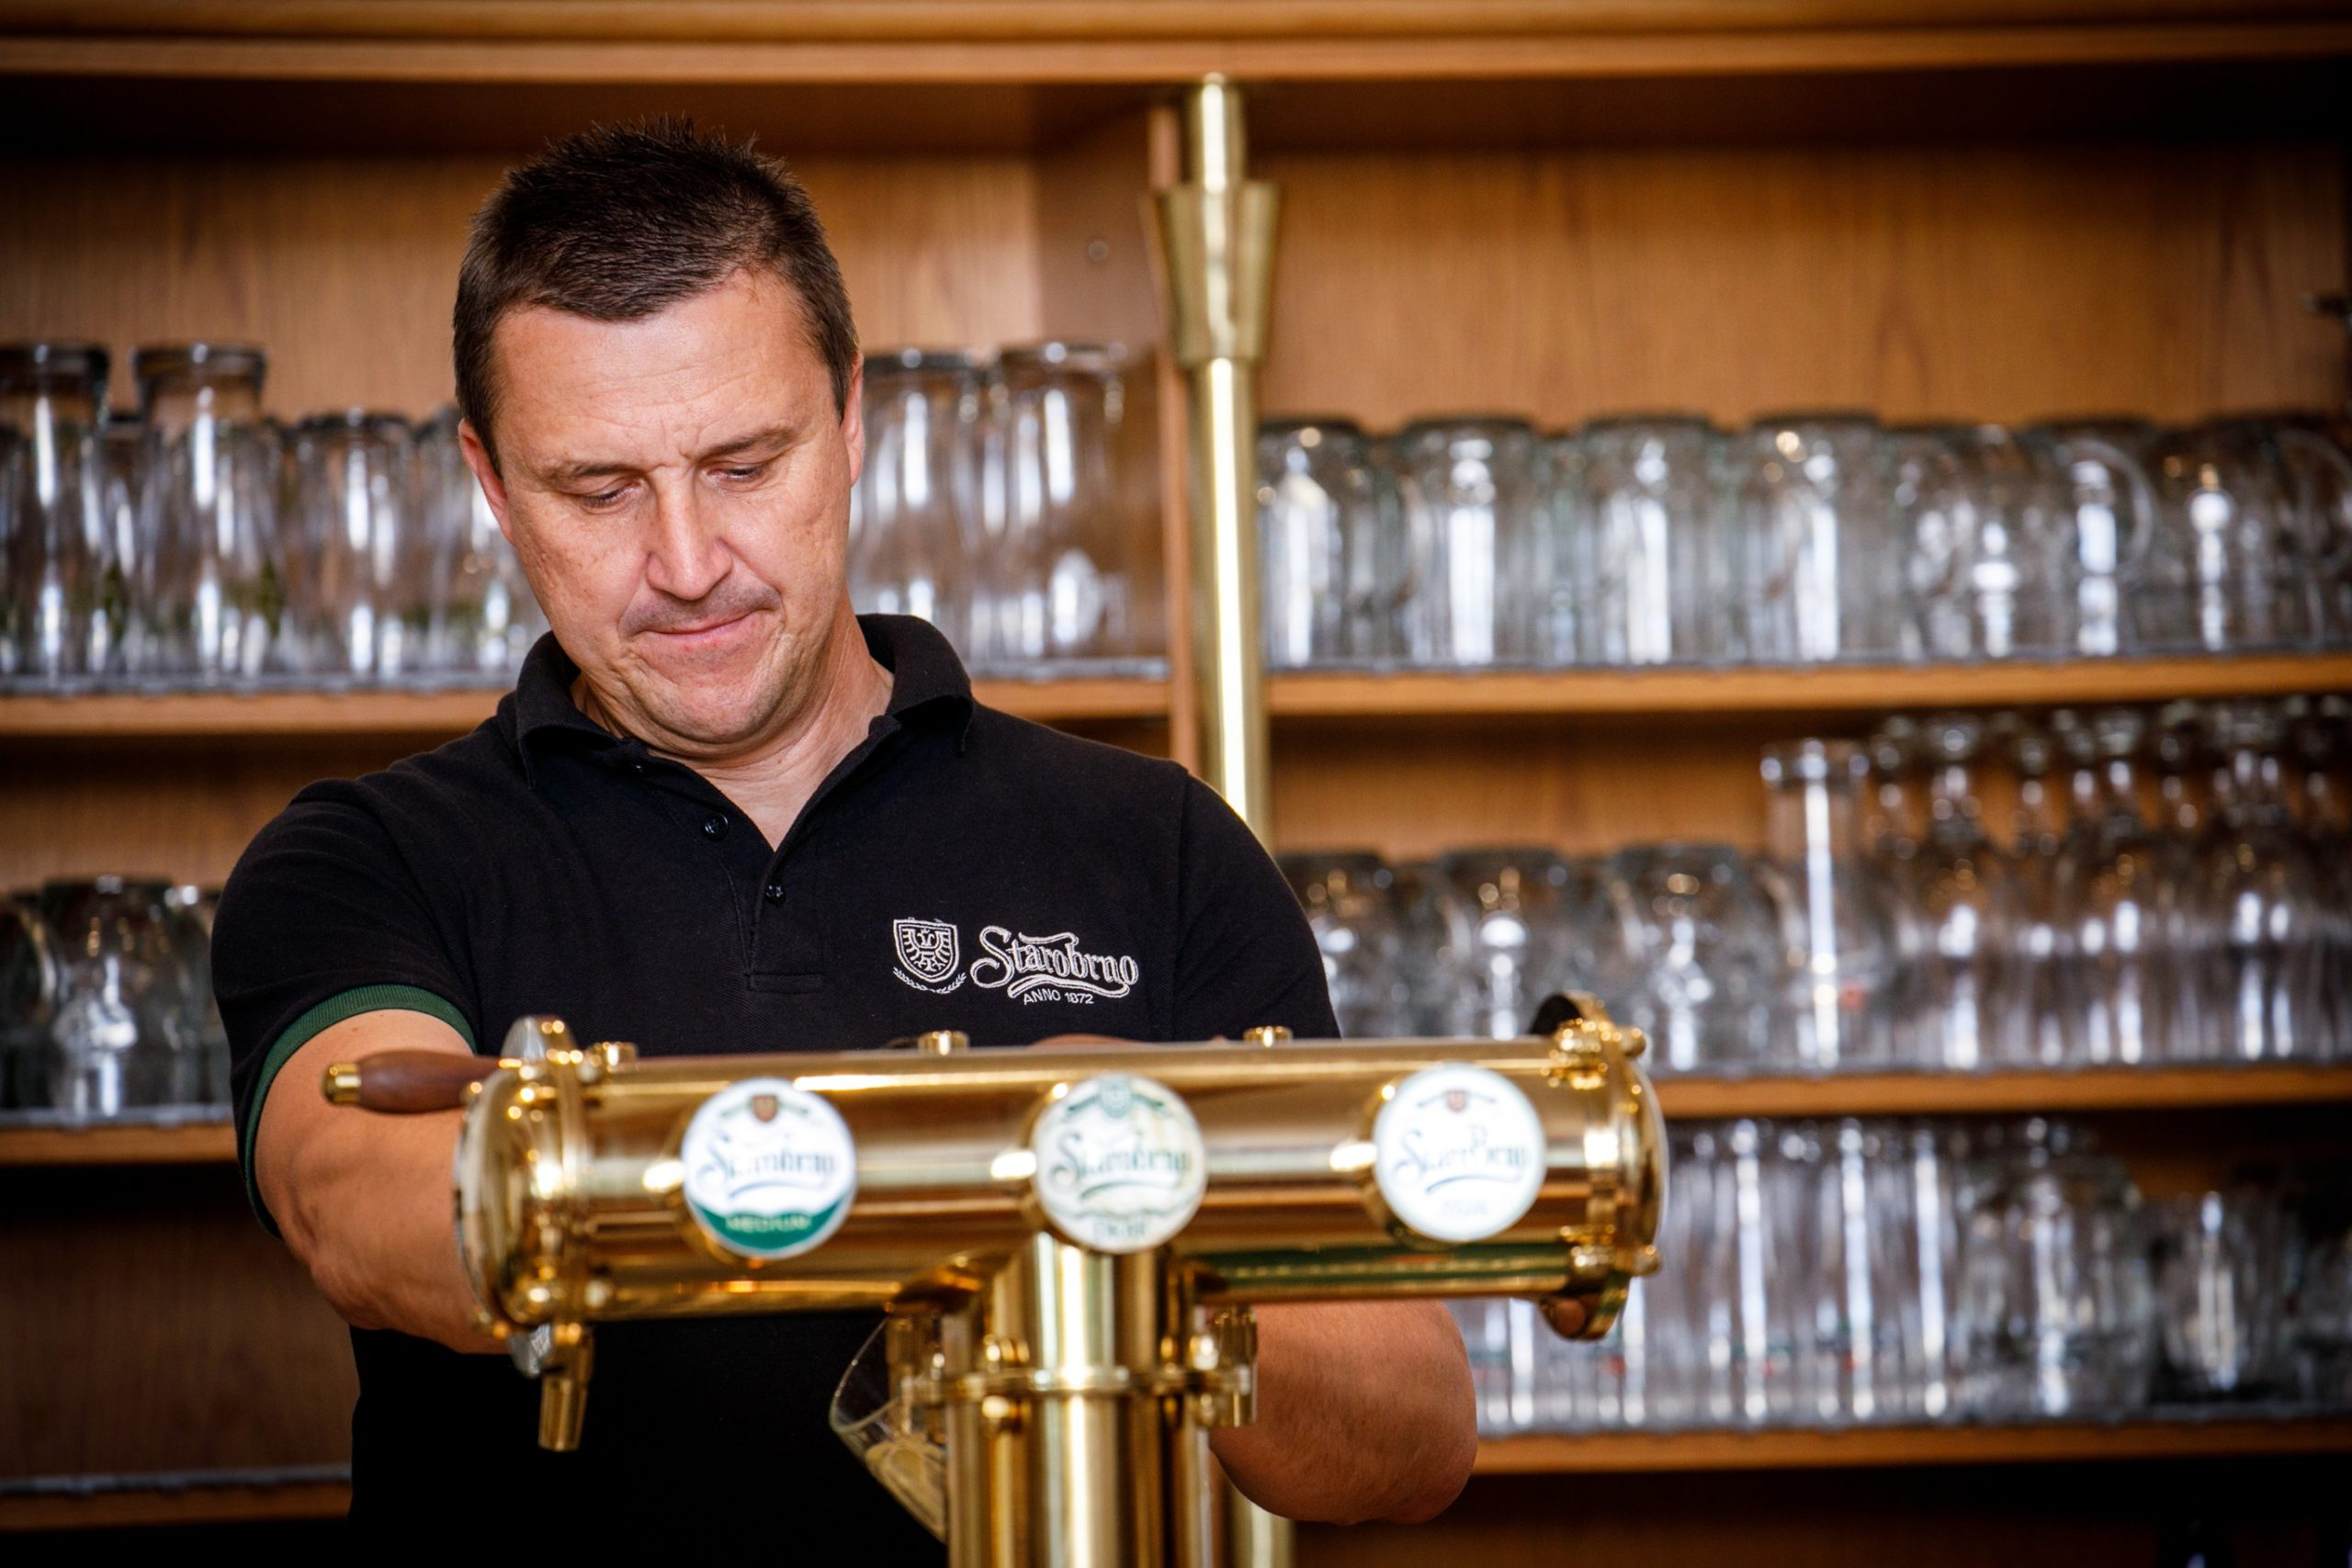 Starobrno chystá nový ležák. V novodobé historii pivovaru půjde o nejvíc hořké pivo